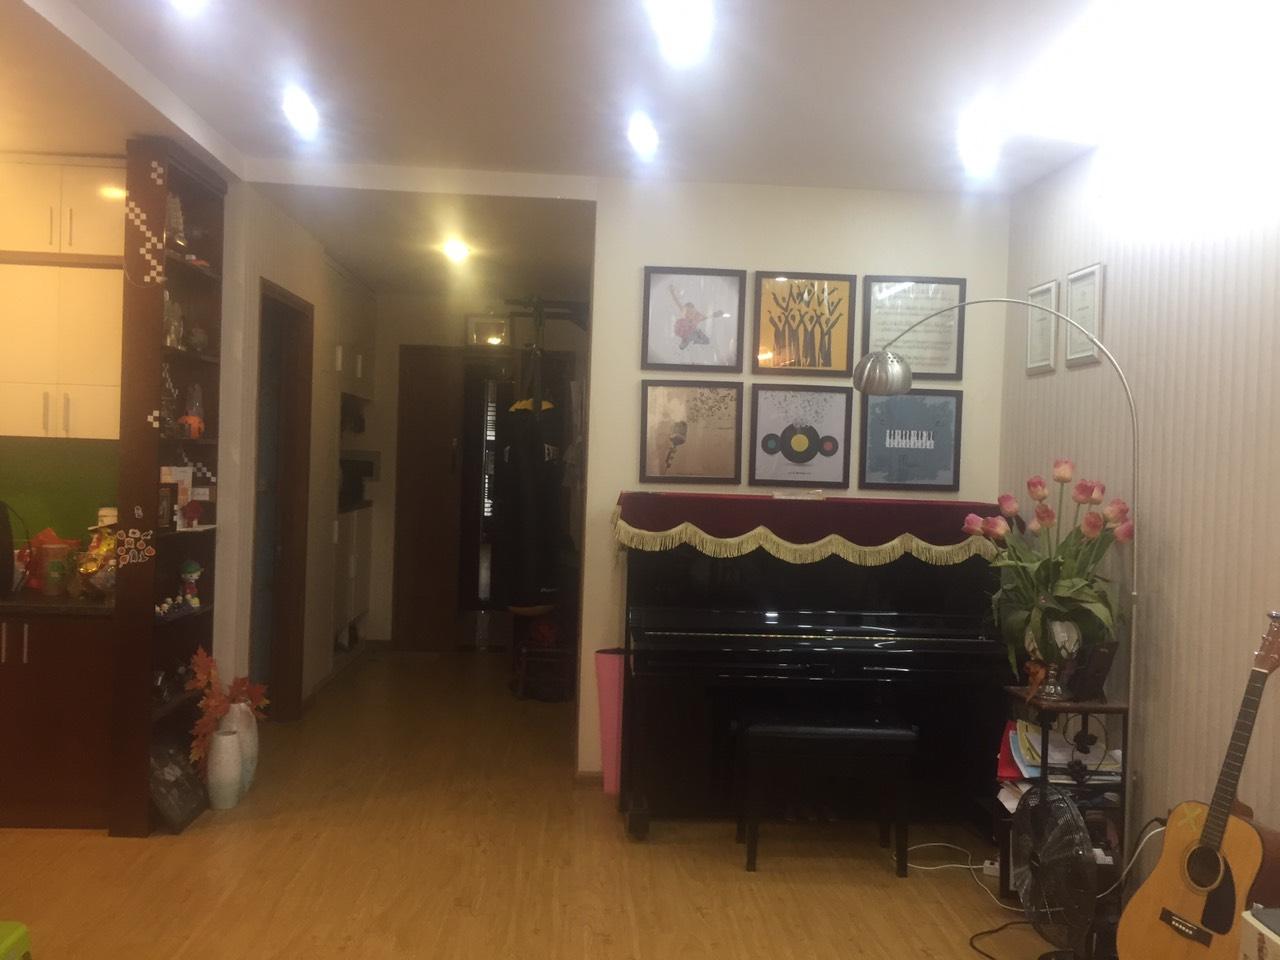 Bán Chung cư căn 03 2 phòng ngủ tòa V3, cửa Đông - Nam ban công Tây - Bắc, Chung cư Văn Phú Victoria - Hà Đông - Hà Nội [#H2179.1881]